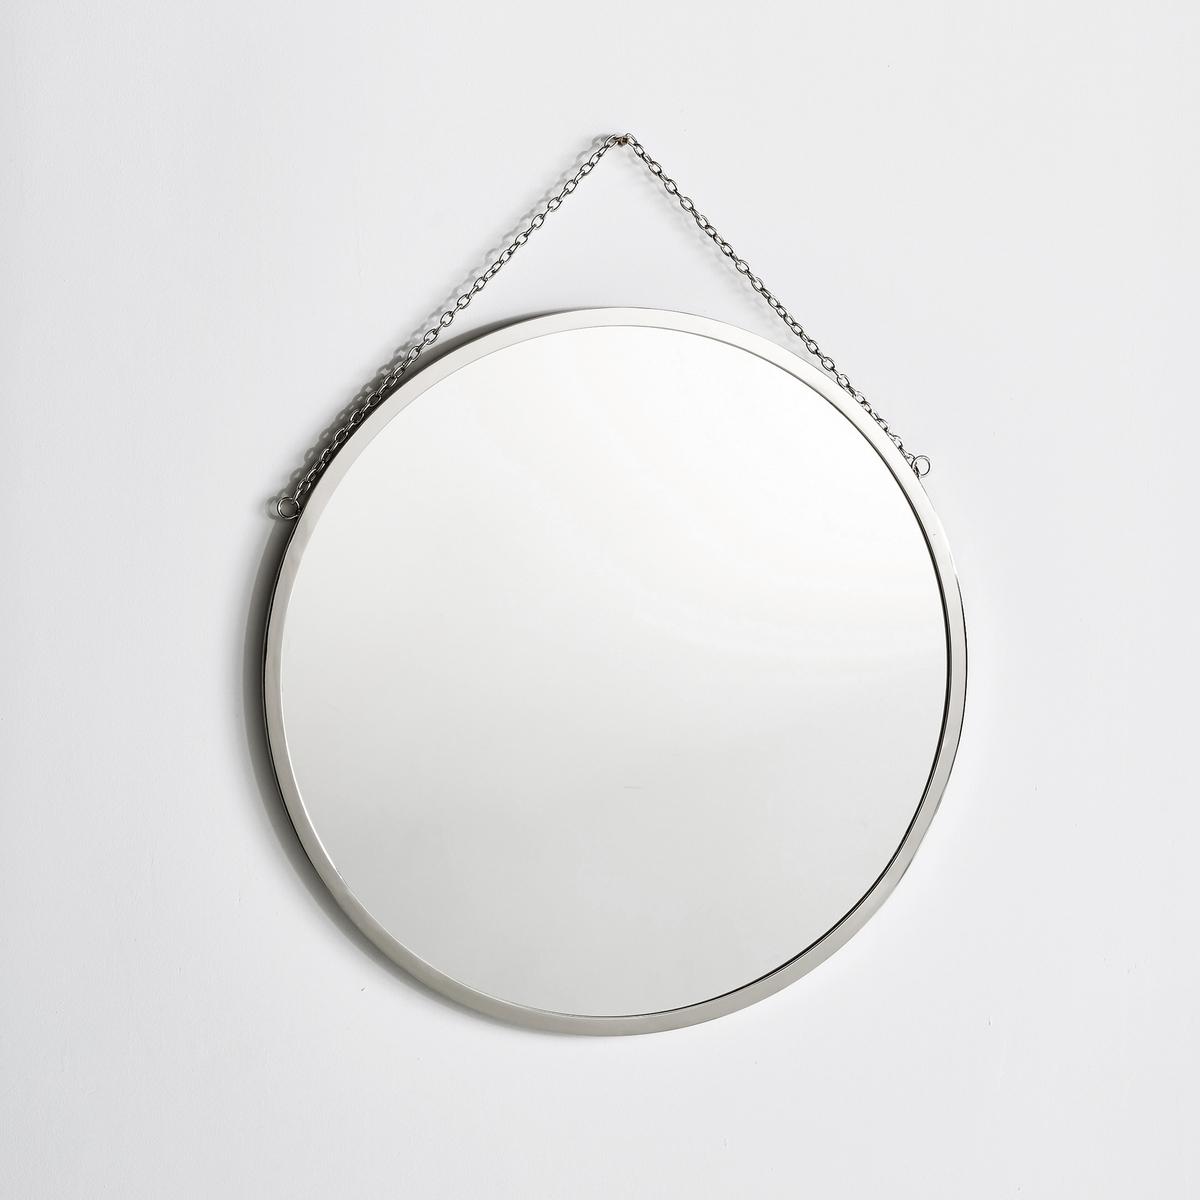 Зеркало круглое ?60 смХарактеристики: :- Рамка из никелированной латуни .- Цепочка-подвеска из металла с никелевым покрытием  .Размеры  :- Диаметр 60 см.<br><br>Цвет: безцветный